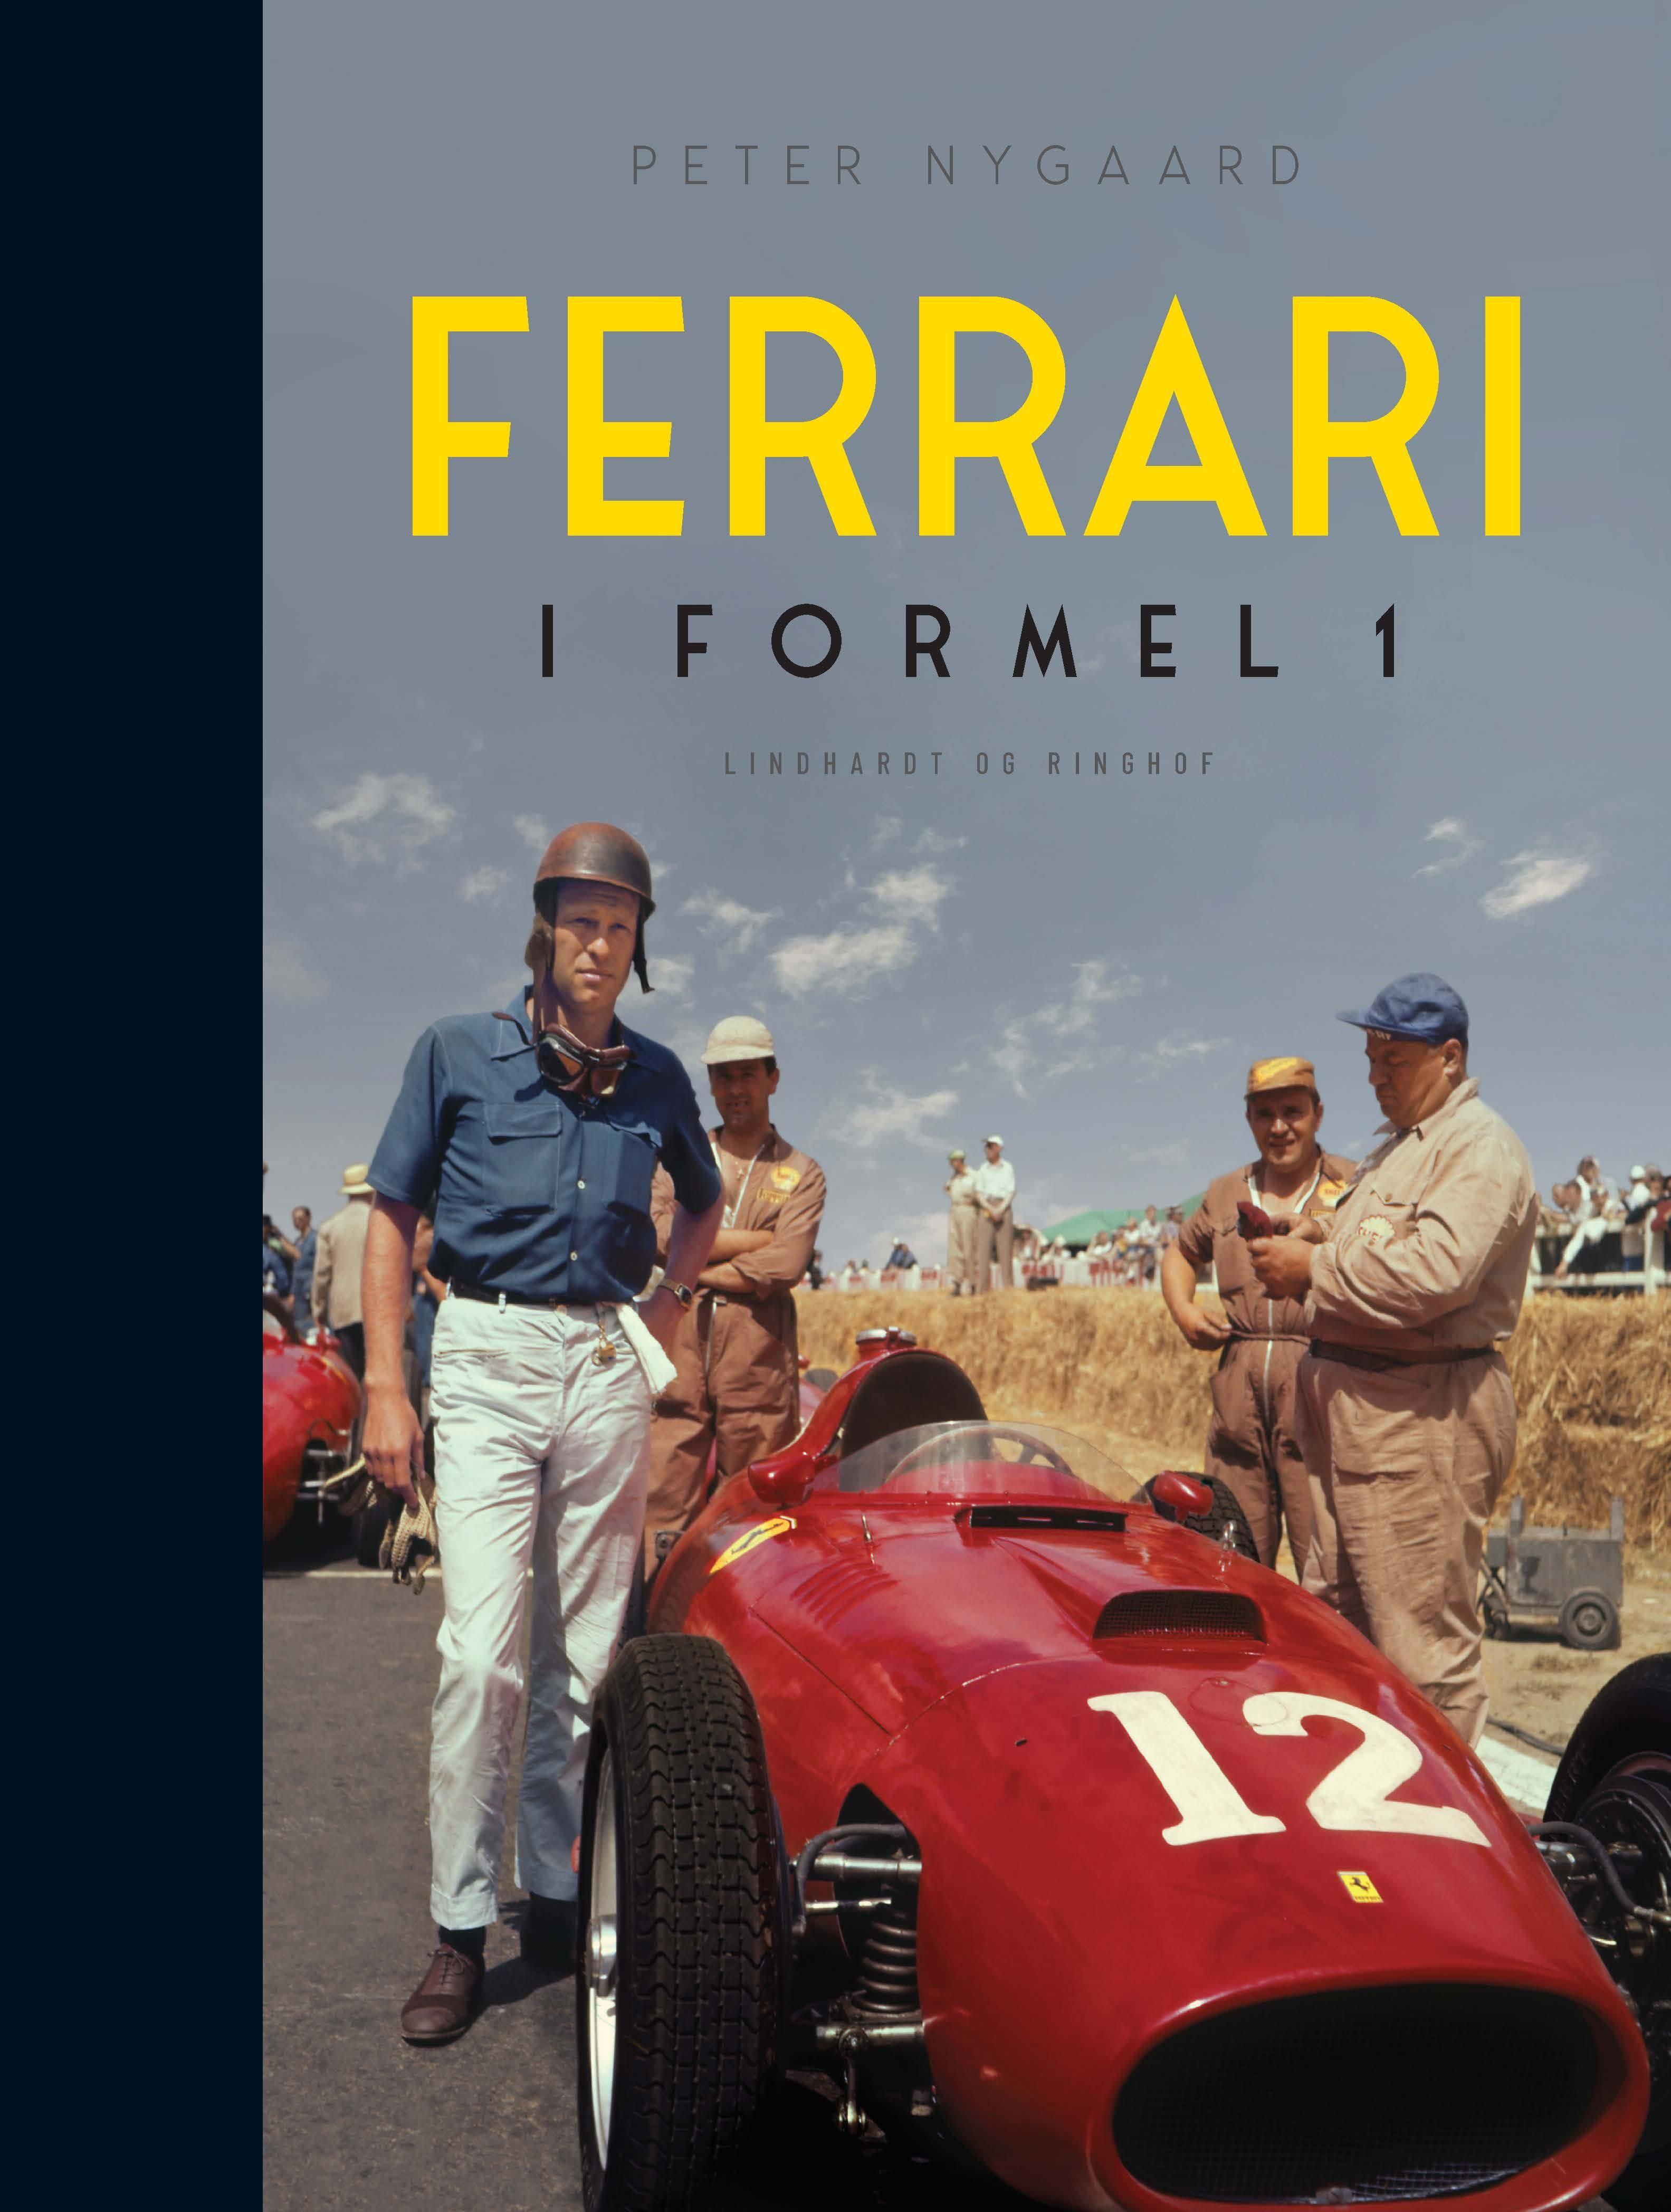 Ferrari - Peter Nygaard - Bøger - Lindhardt og Ringhof - 9788711983232 - 23/11-2020